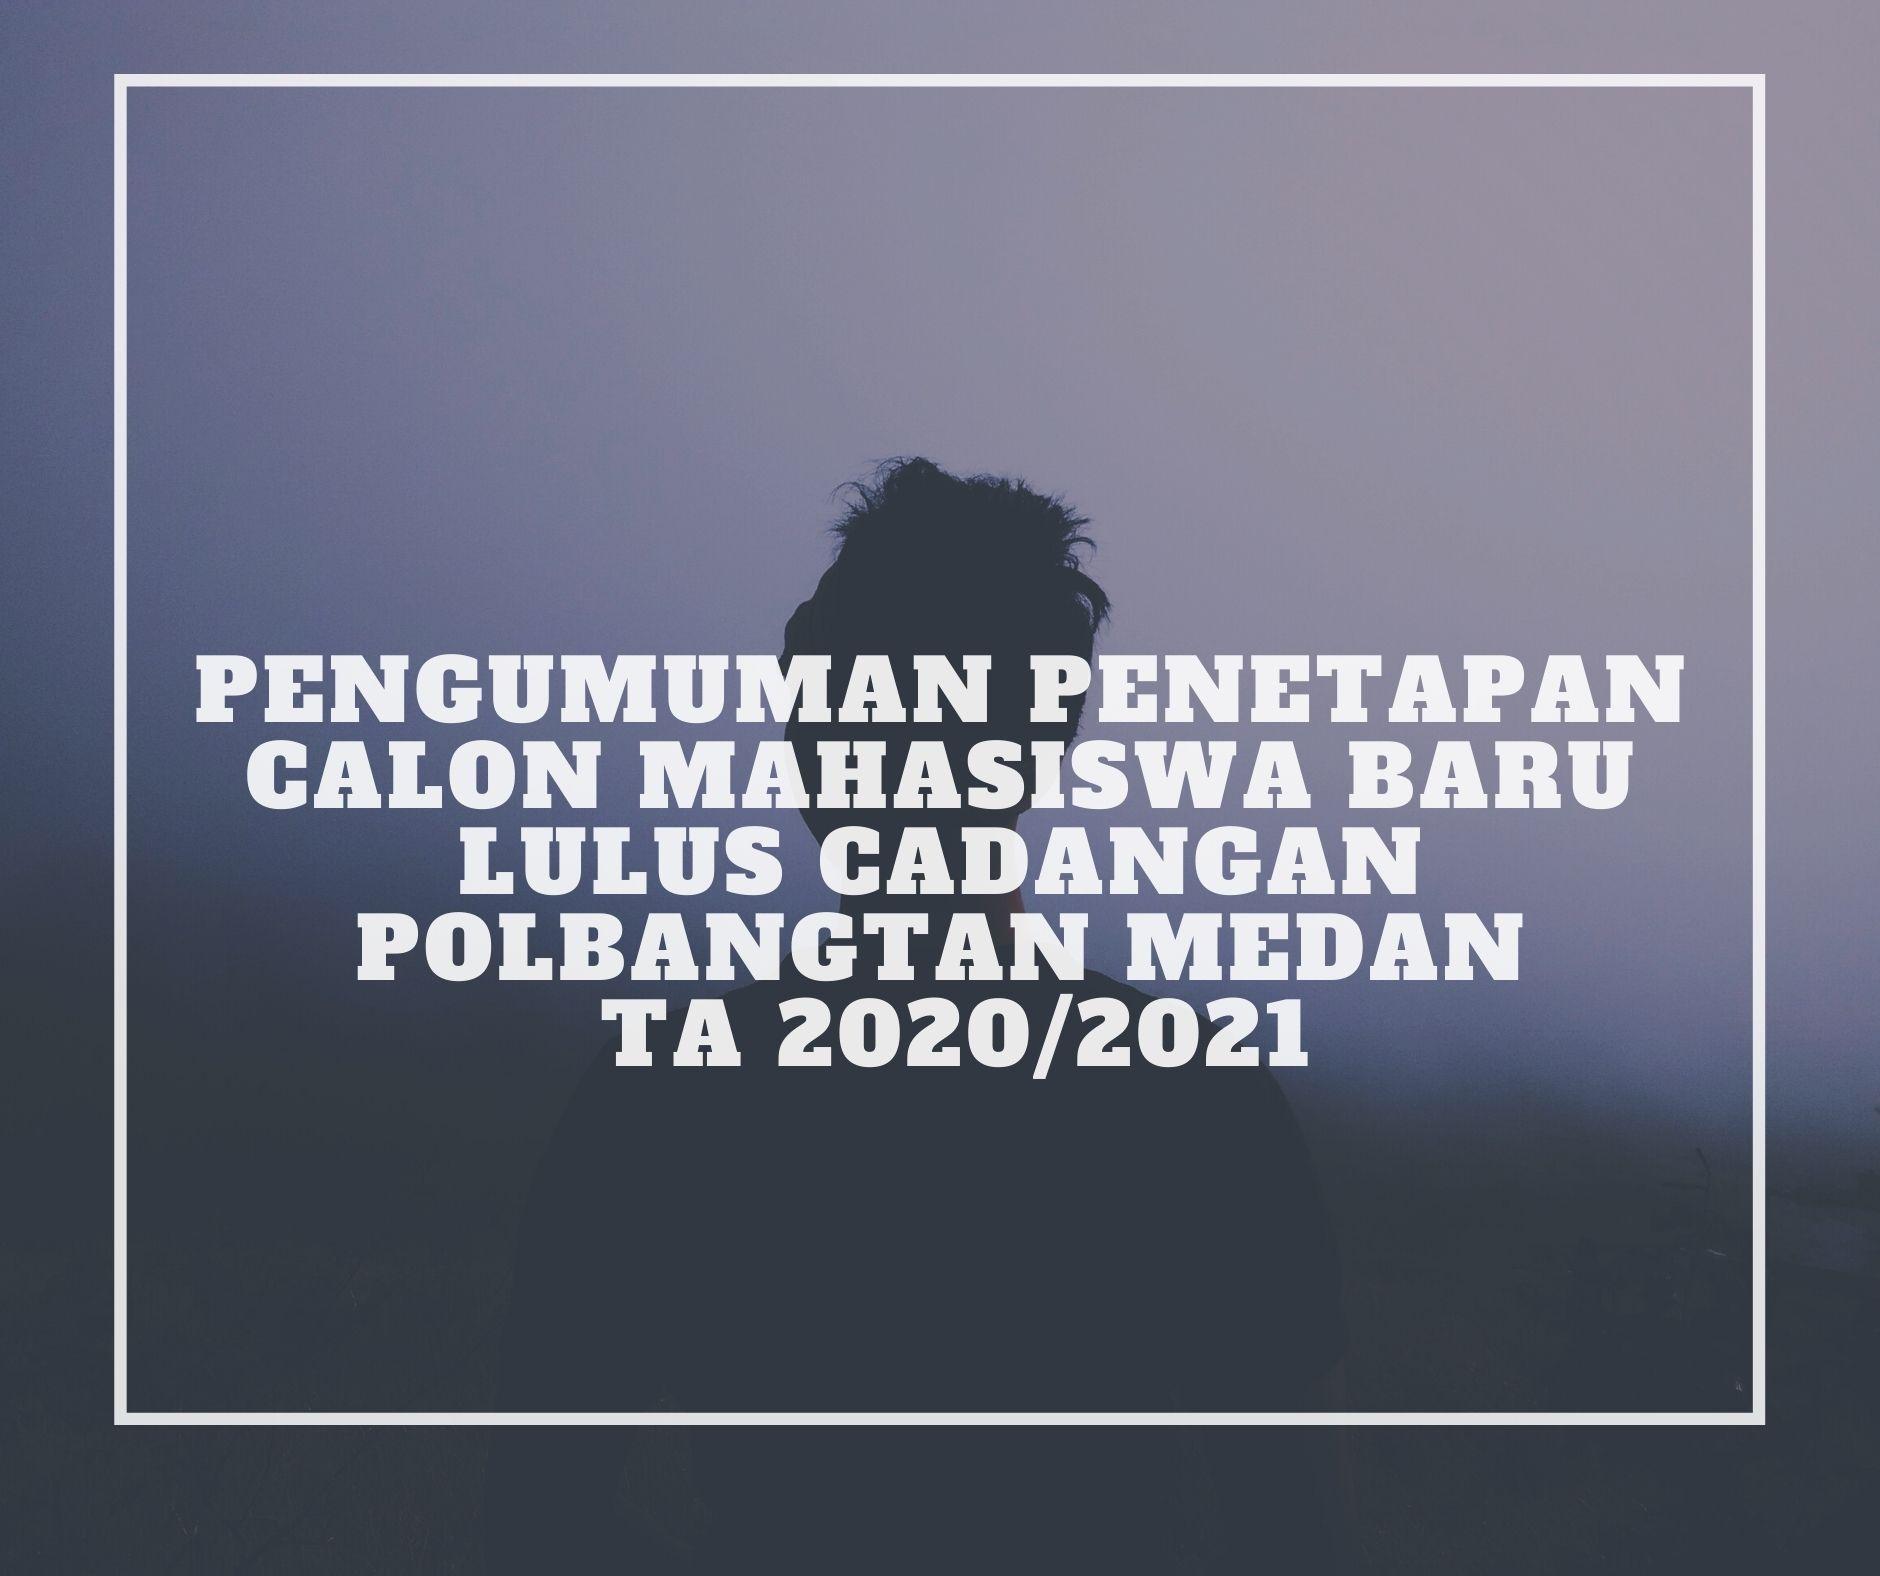 PENGUMUMAN PENETAPAN CALON MAHASISWA BARU LULUS CADANGAN POLBANGTAN MEDAN TA 2020/2021